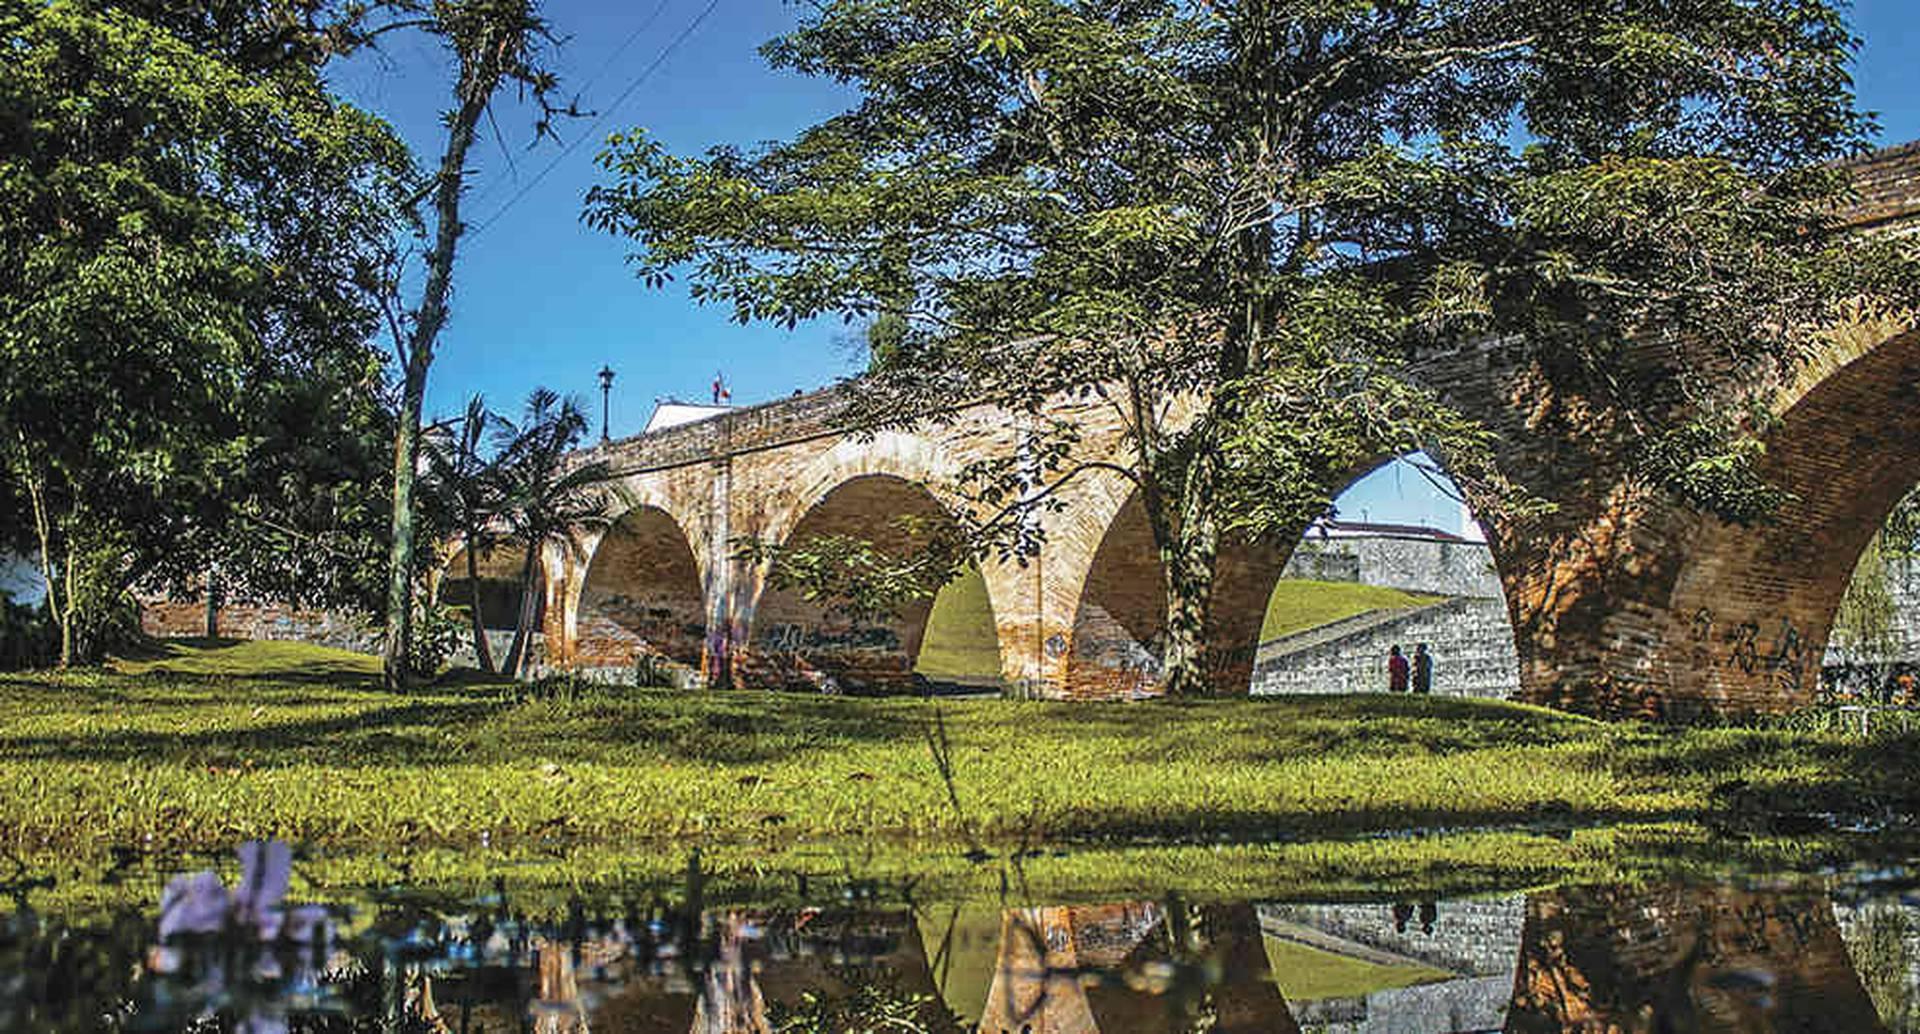 Un estudio de competitividad de Findeter asegura que el motor de la economía de Popayán debe ser el turismo.